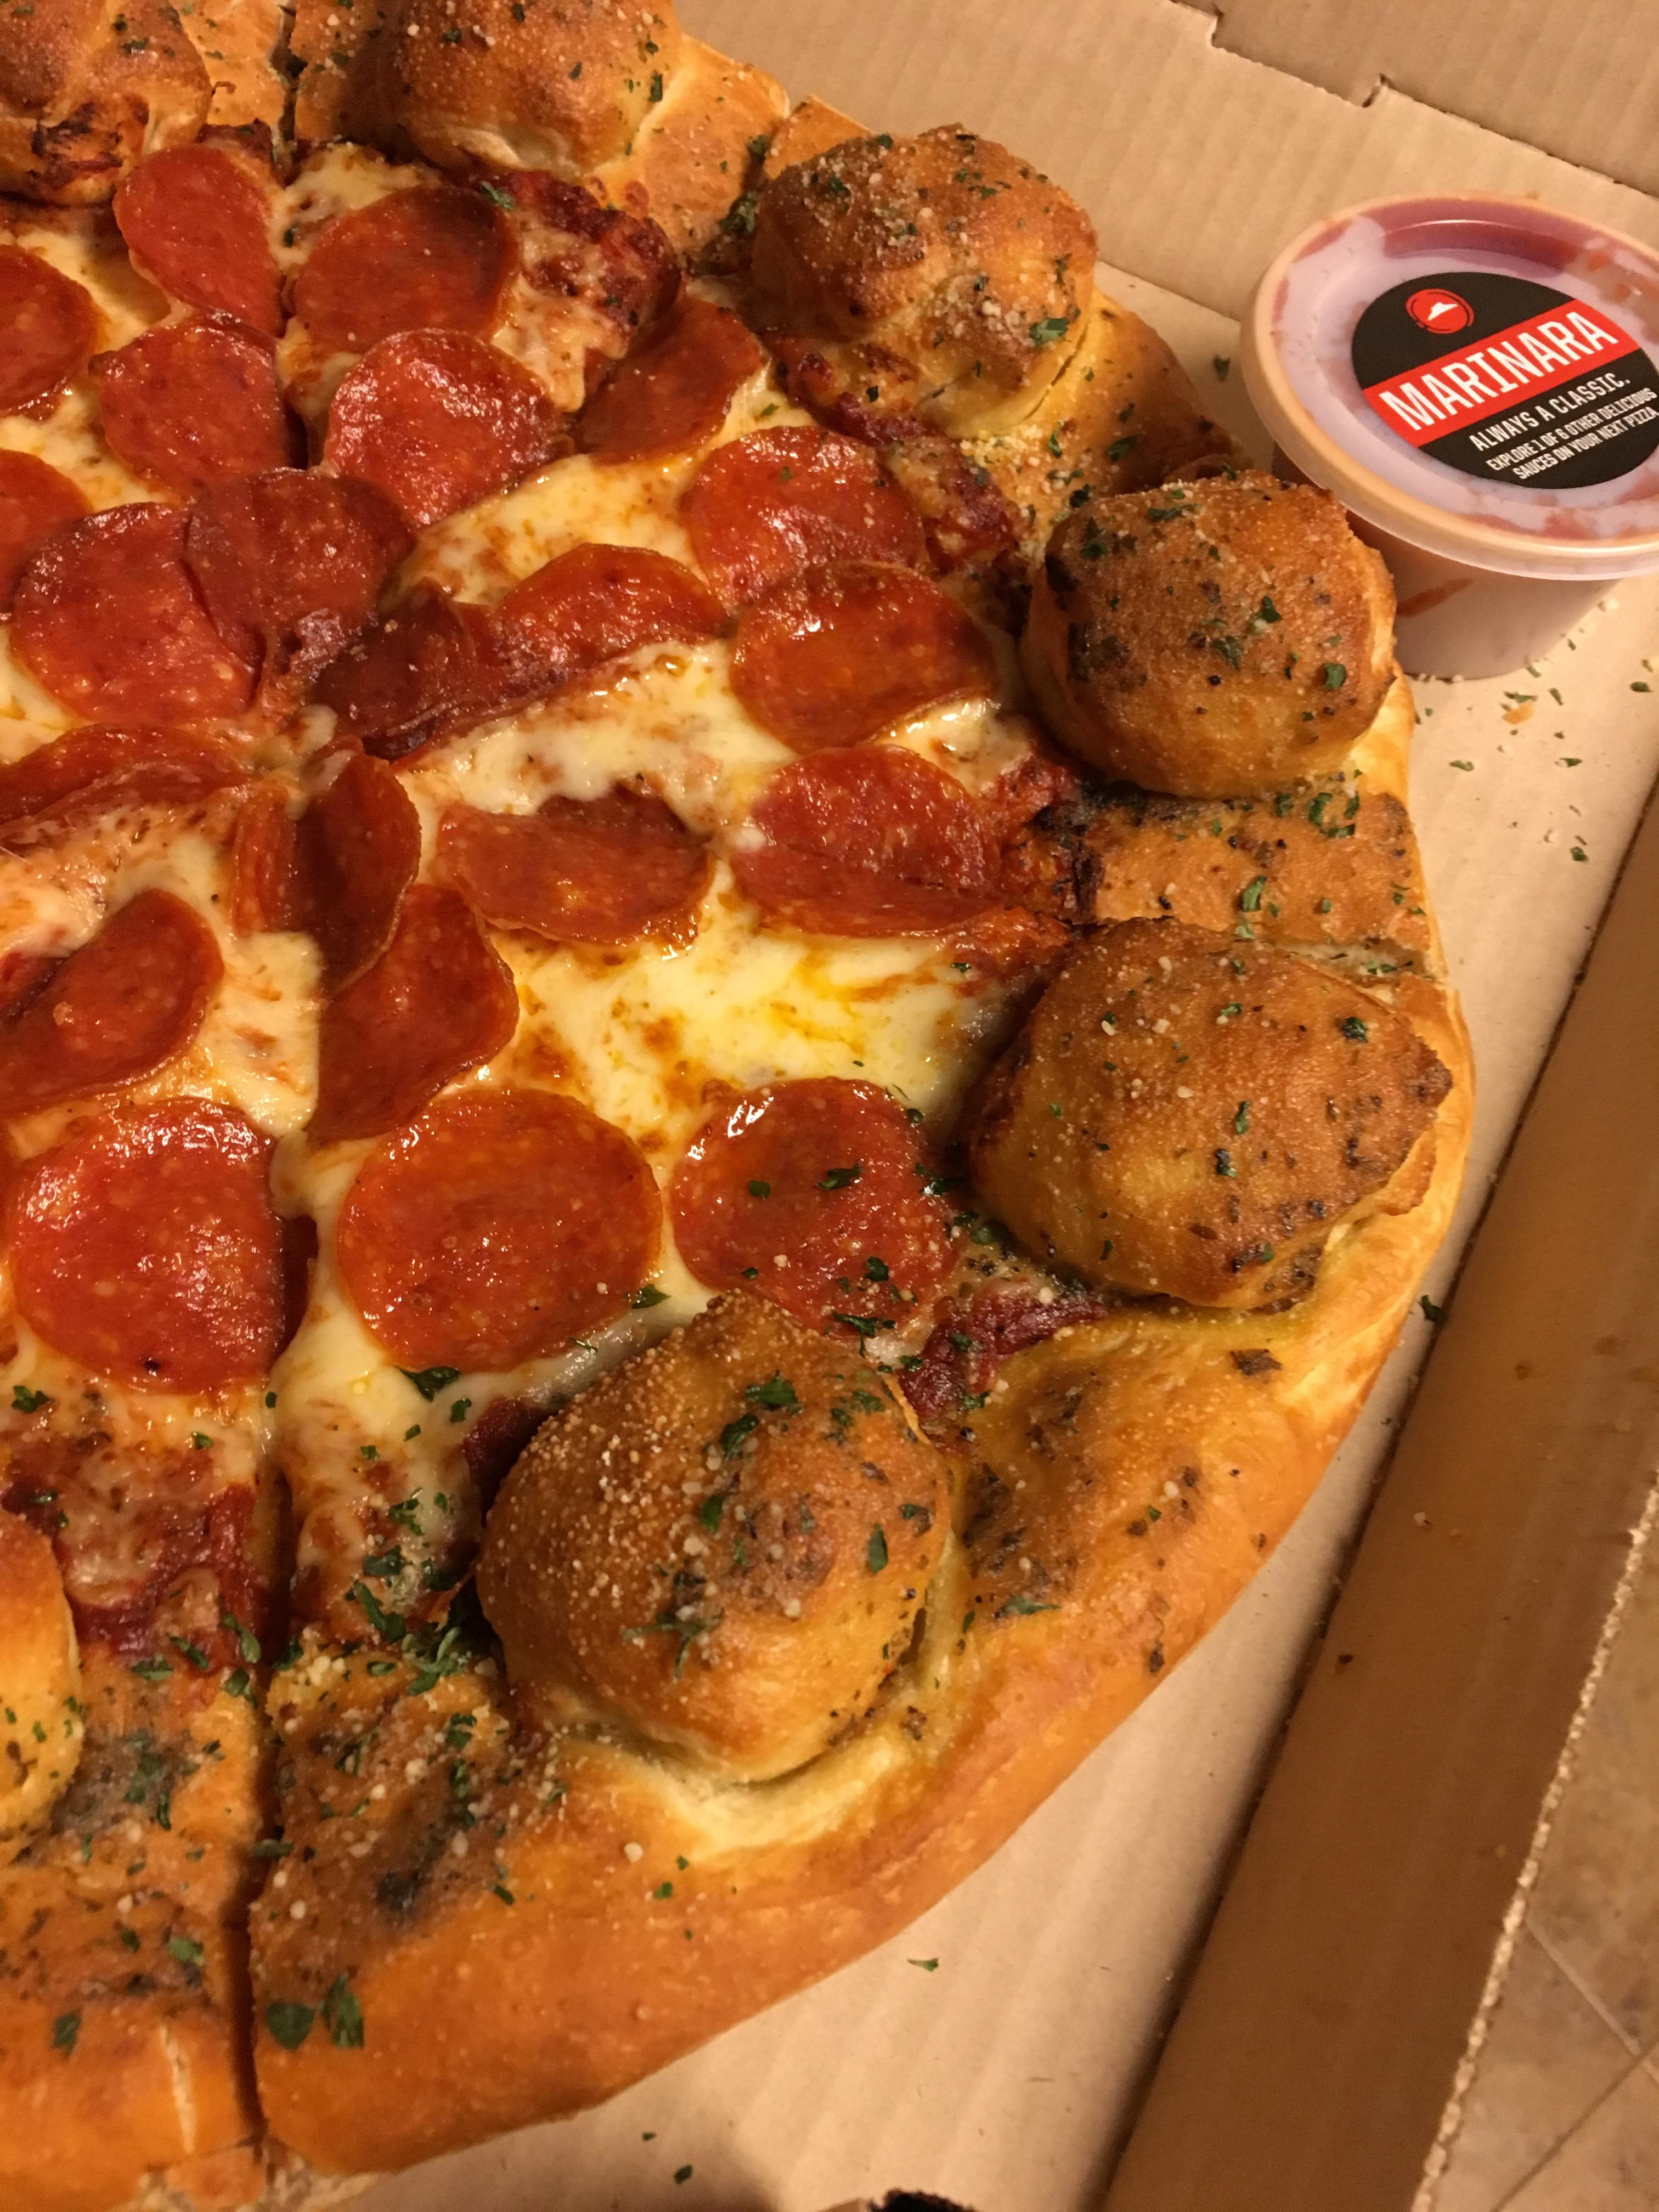 Pizza Hut Stuffed Garlic Knots Pizza [Review] - Fast Food Geek